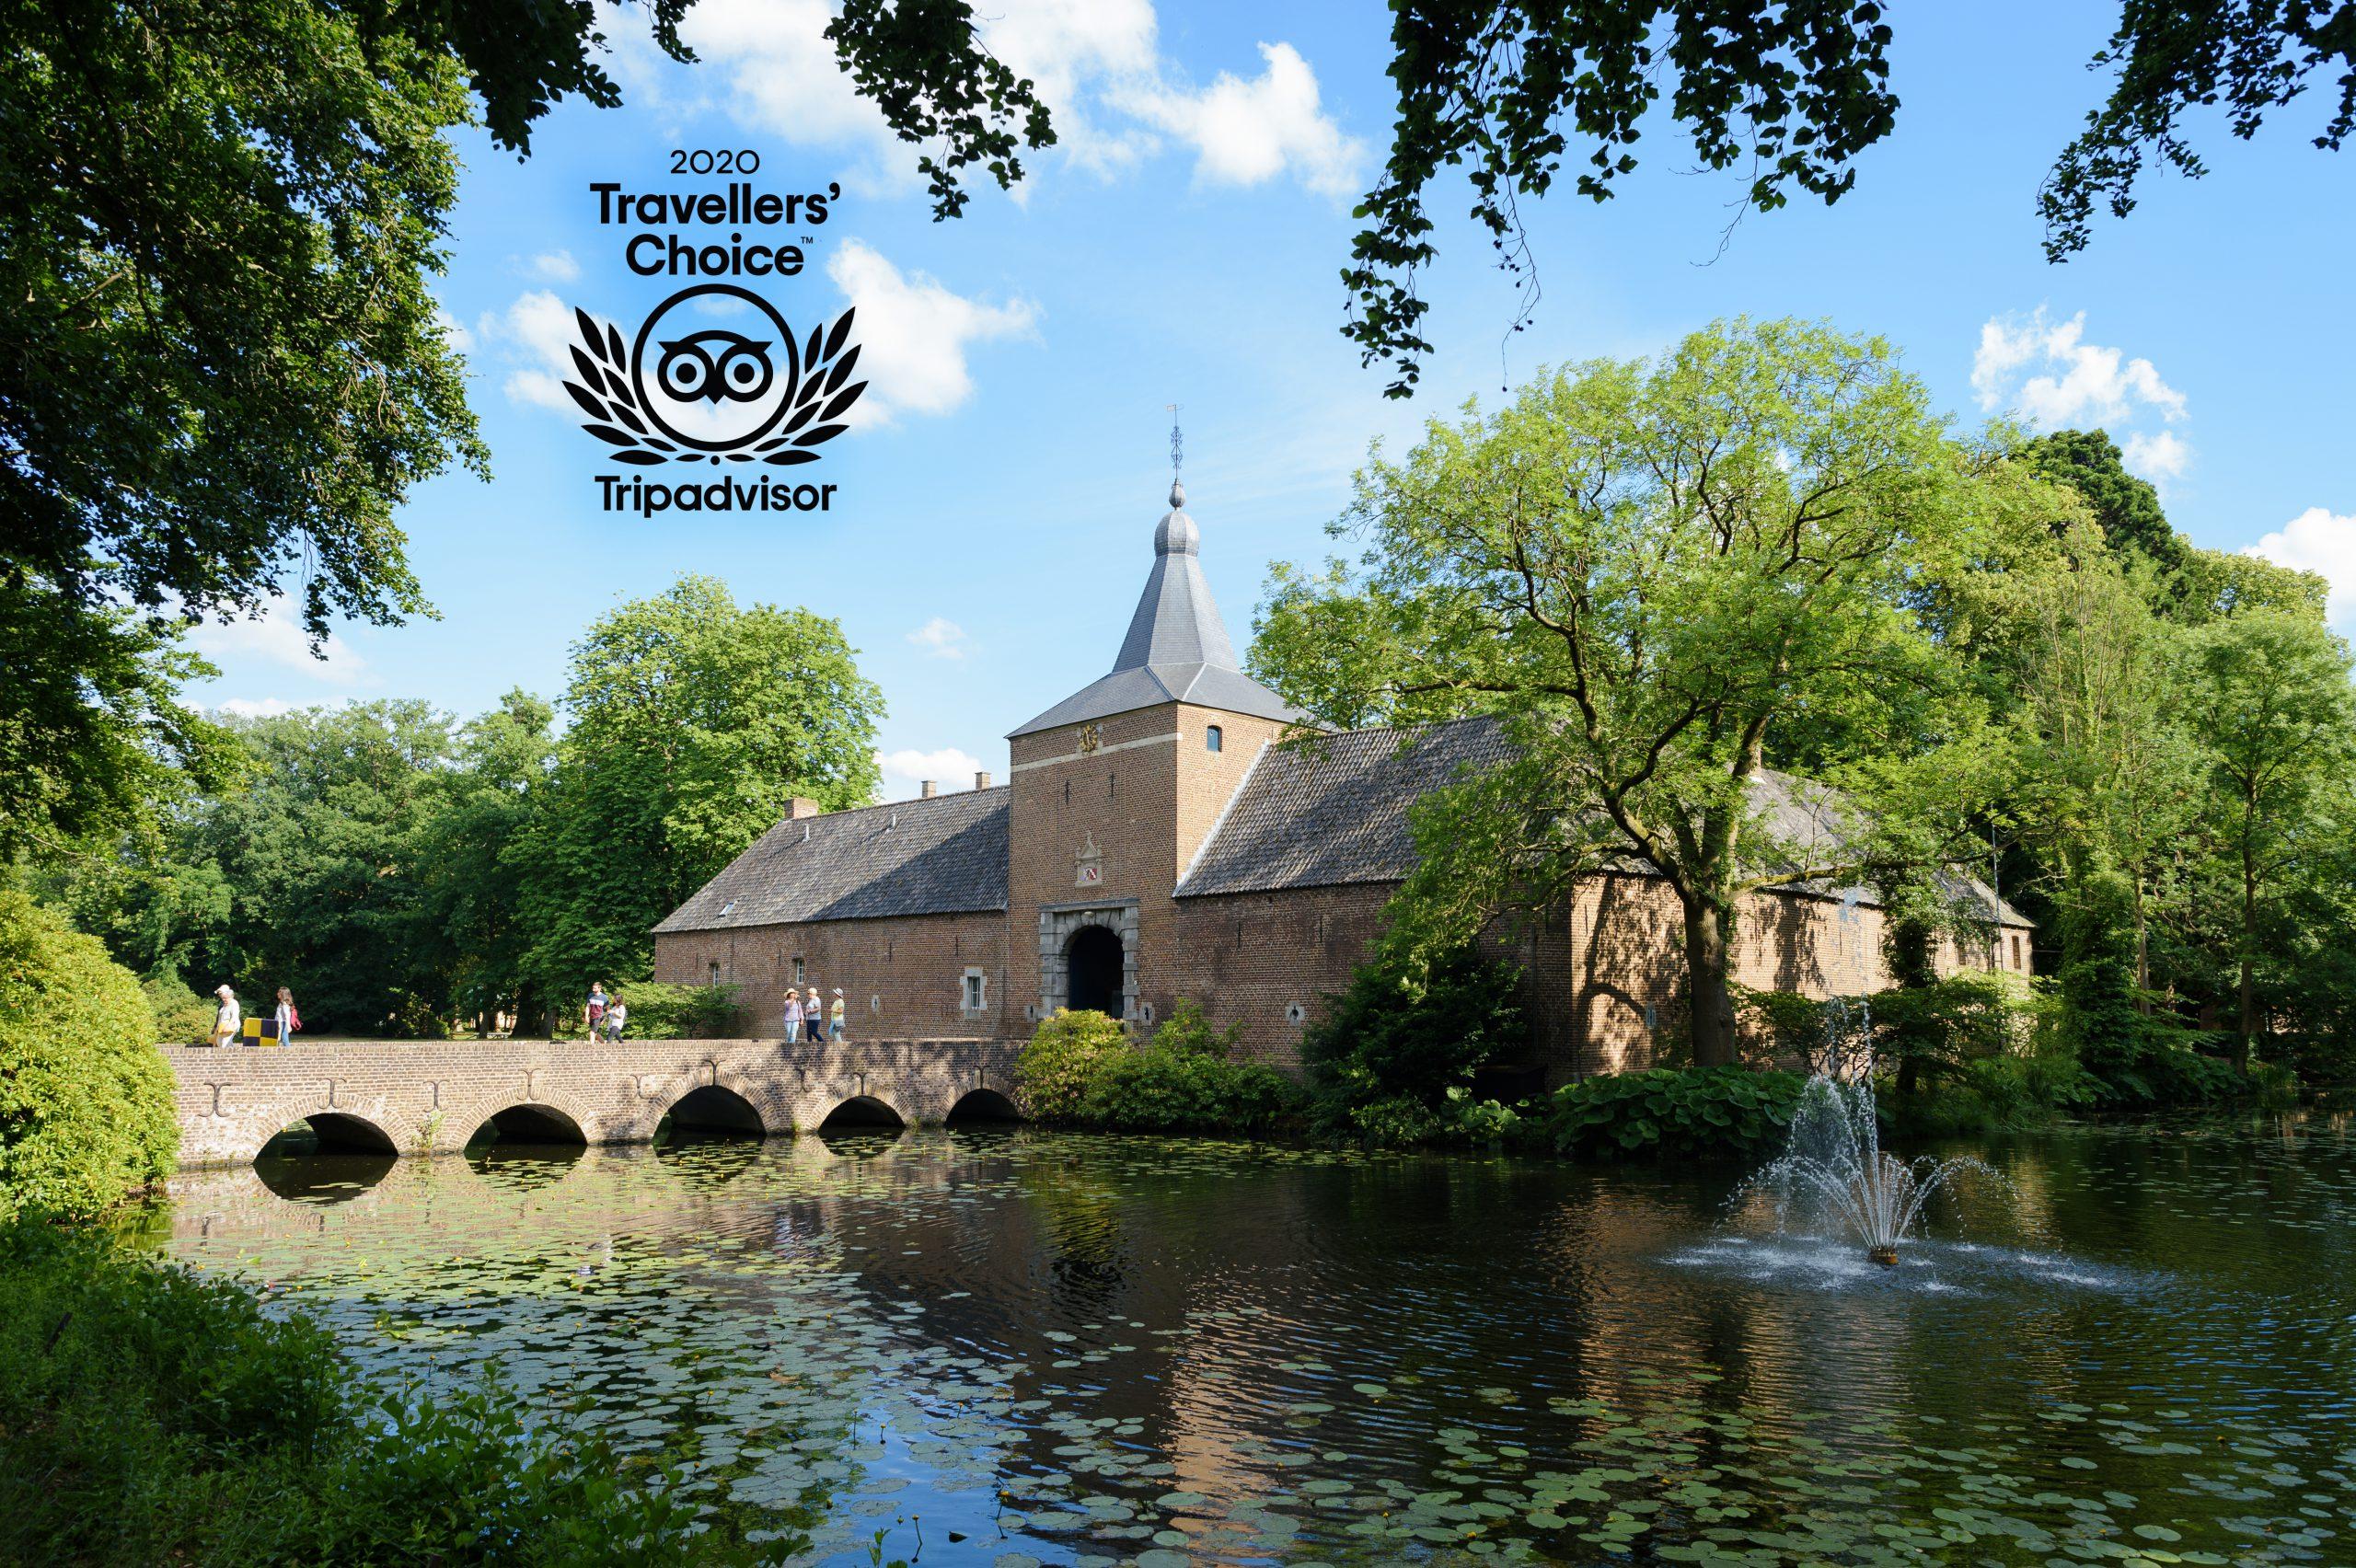 Schlossgärten Arcen mit dem Titel 'Travellers' Choice 2020' von Tripadvisor ausgezeichnet